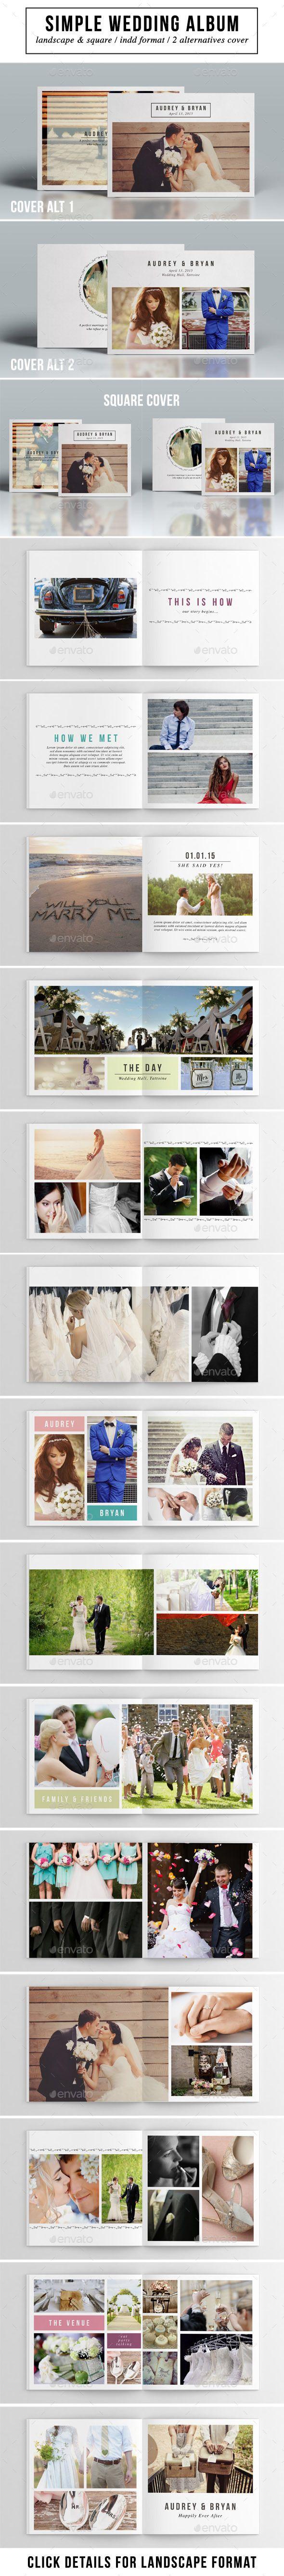 Simple Wedding Album Template #design Download: http://graphicriver.net/item/simple-wedding-album/12646362?ref=ksioks